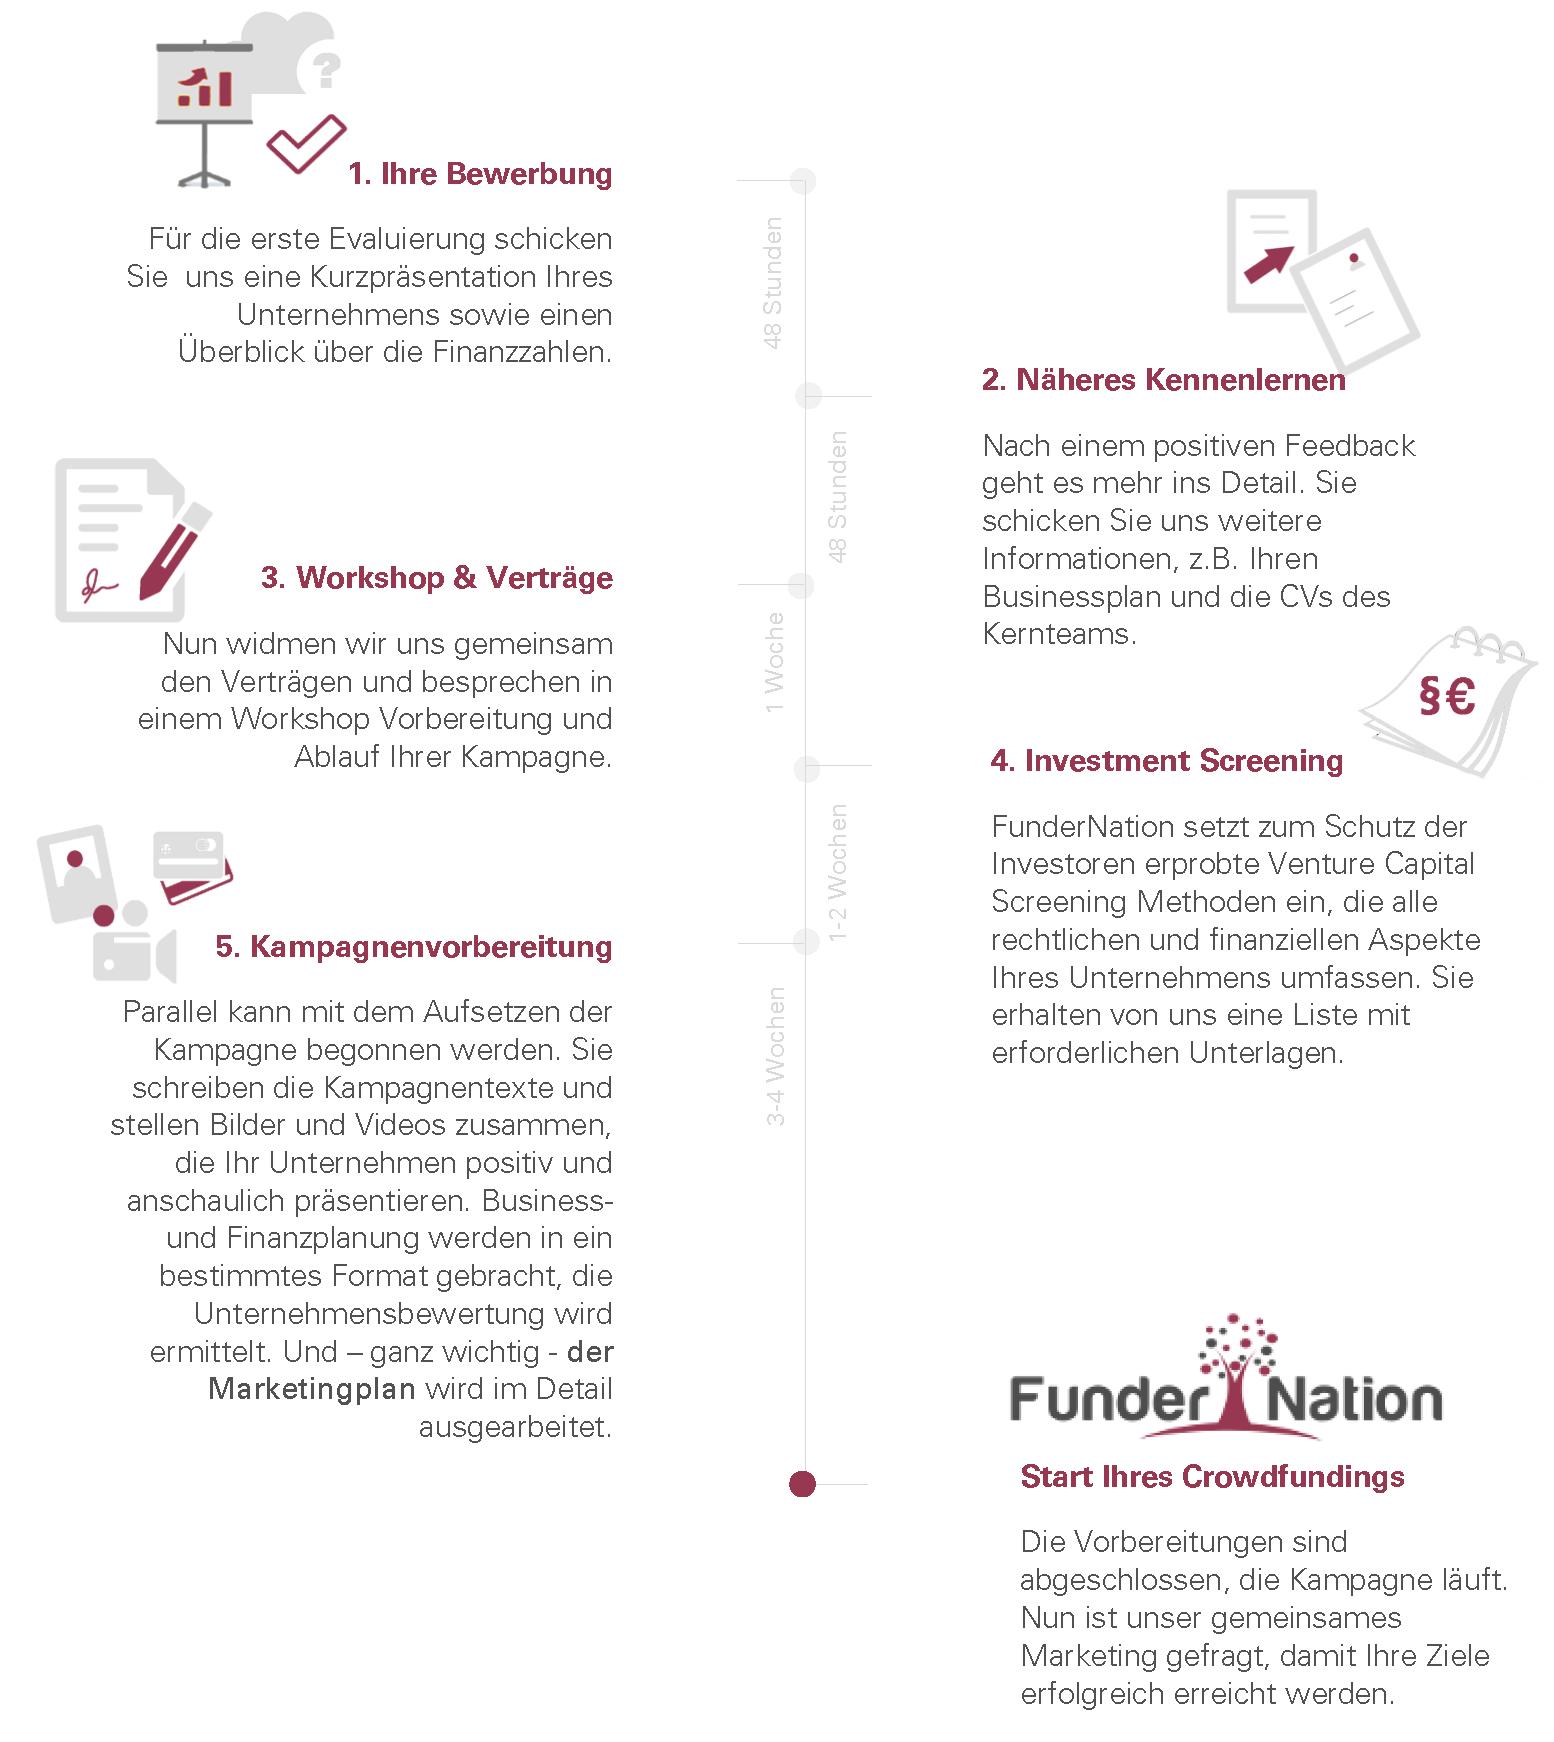 Erstellung einer Kampagne auf FunderNation